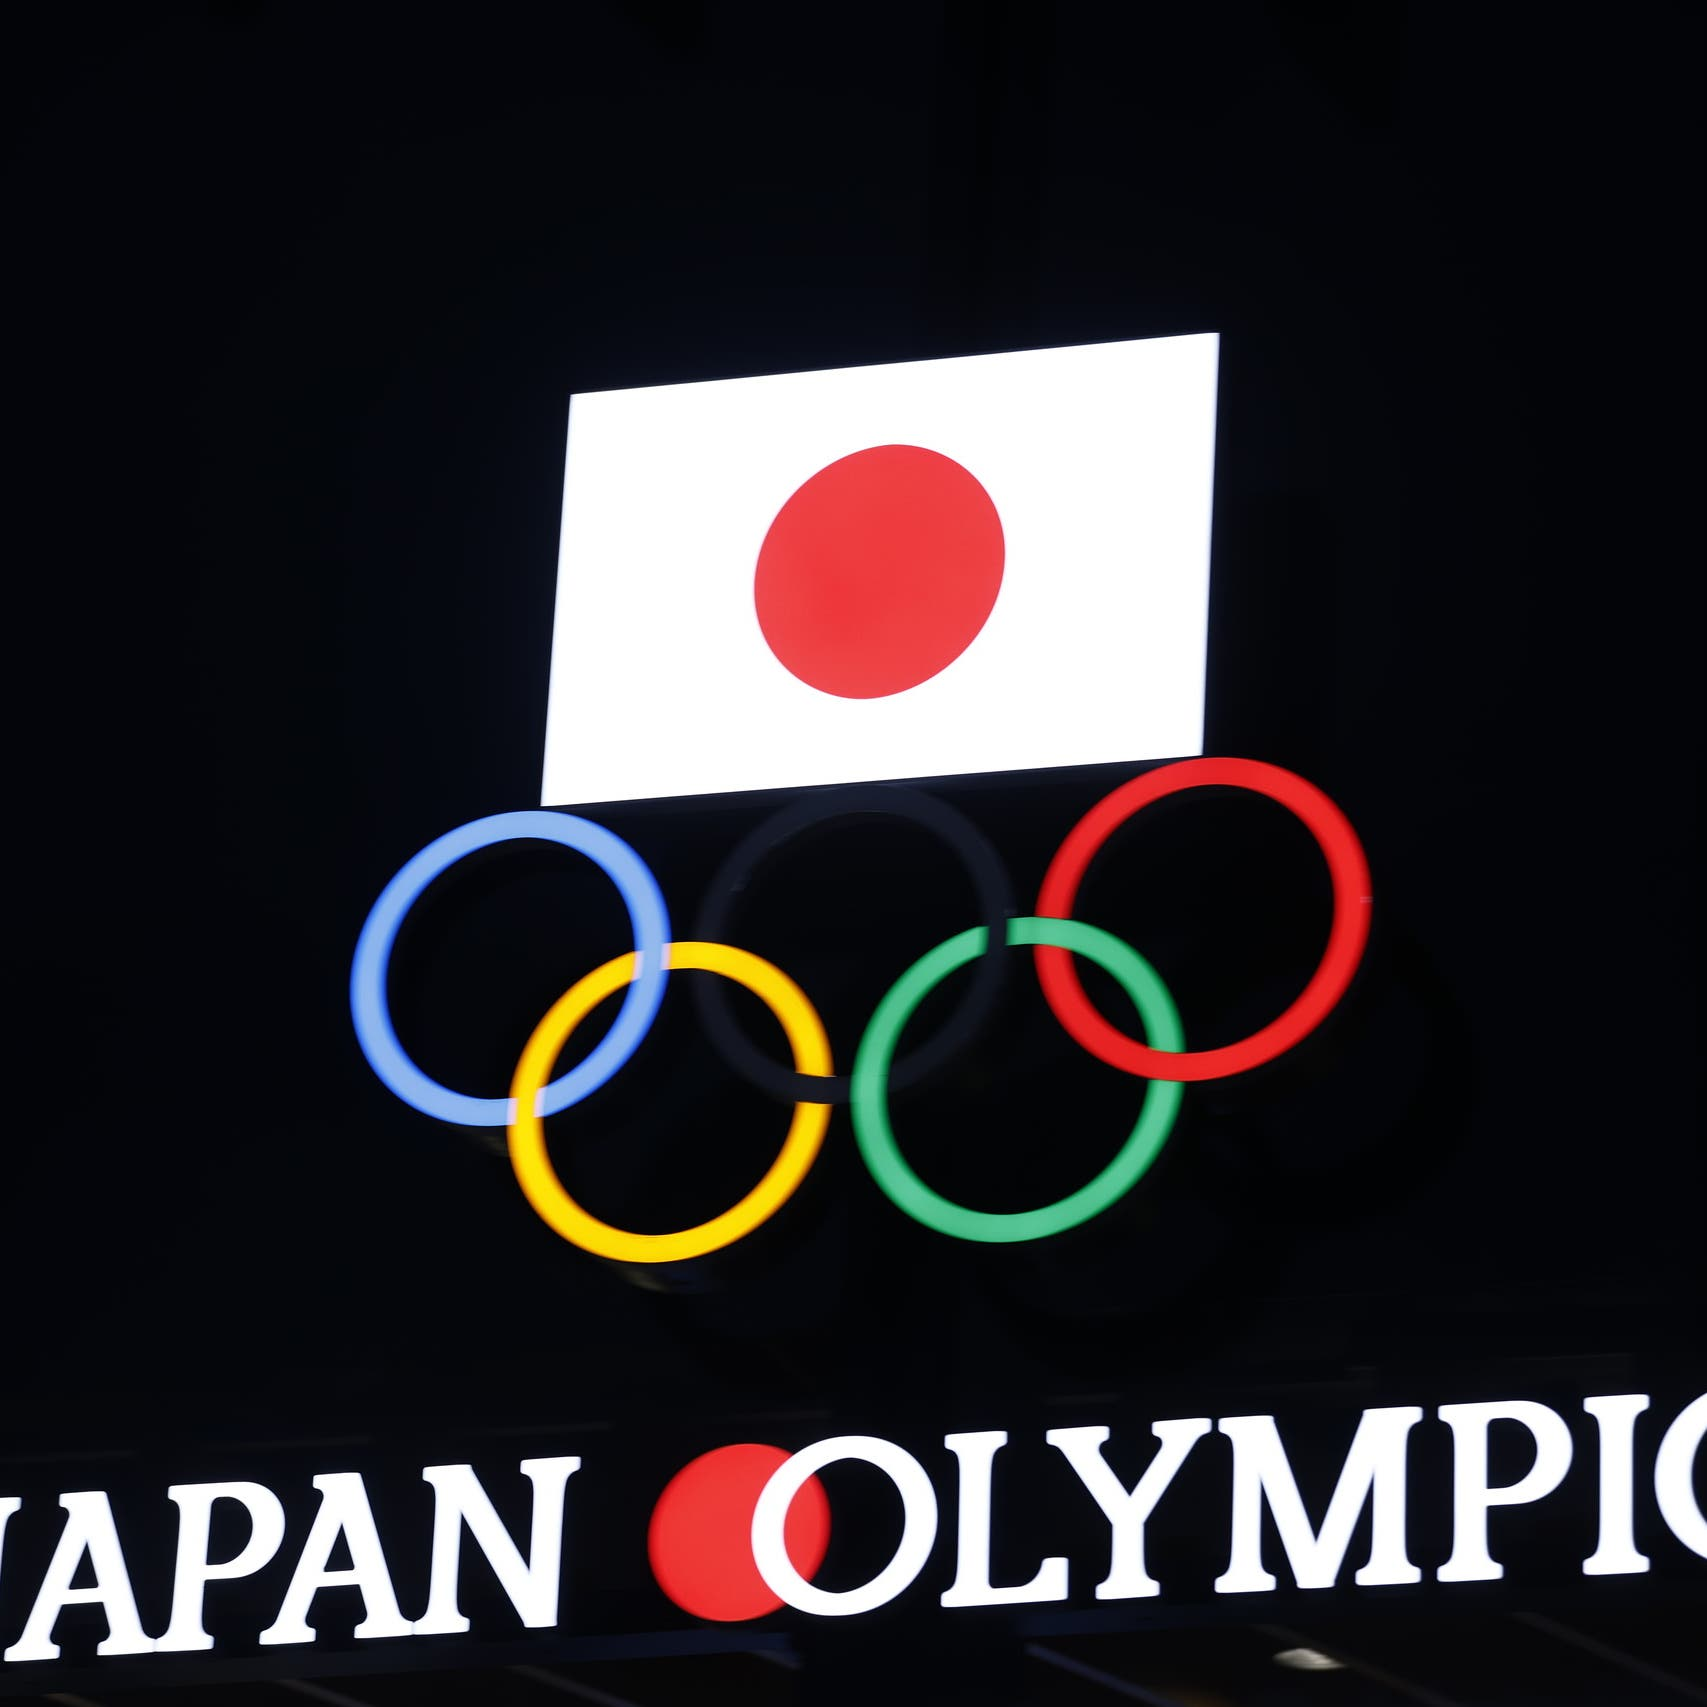 تليغراف: خطط لتطعيم الرياضيين ضد كورونا في الأولمبياد